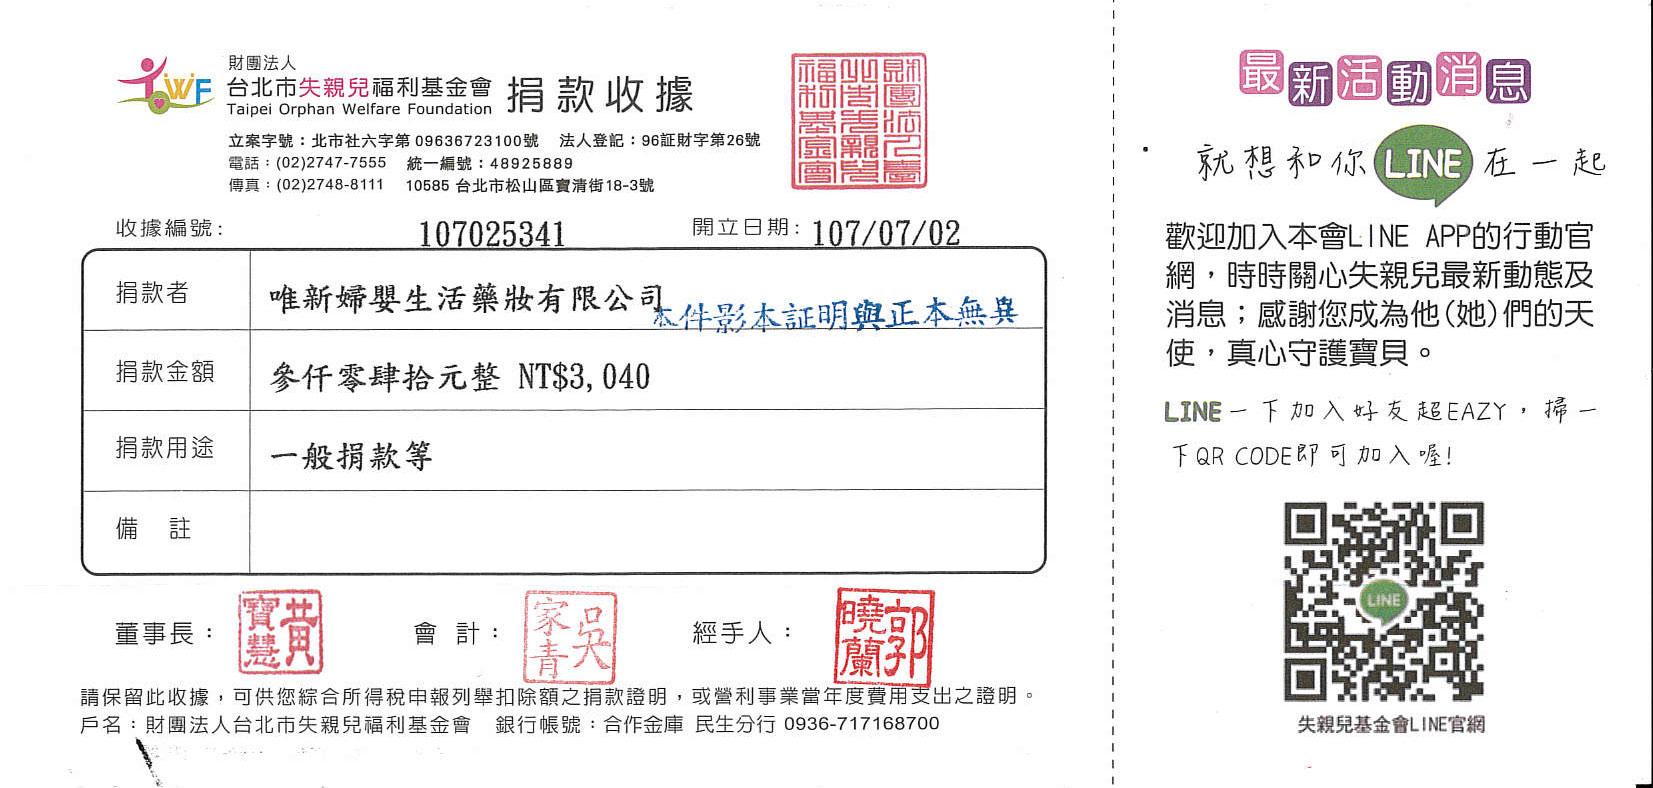 proimages/news/2018/失親兒捐款收據.jpg